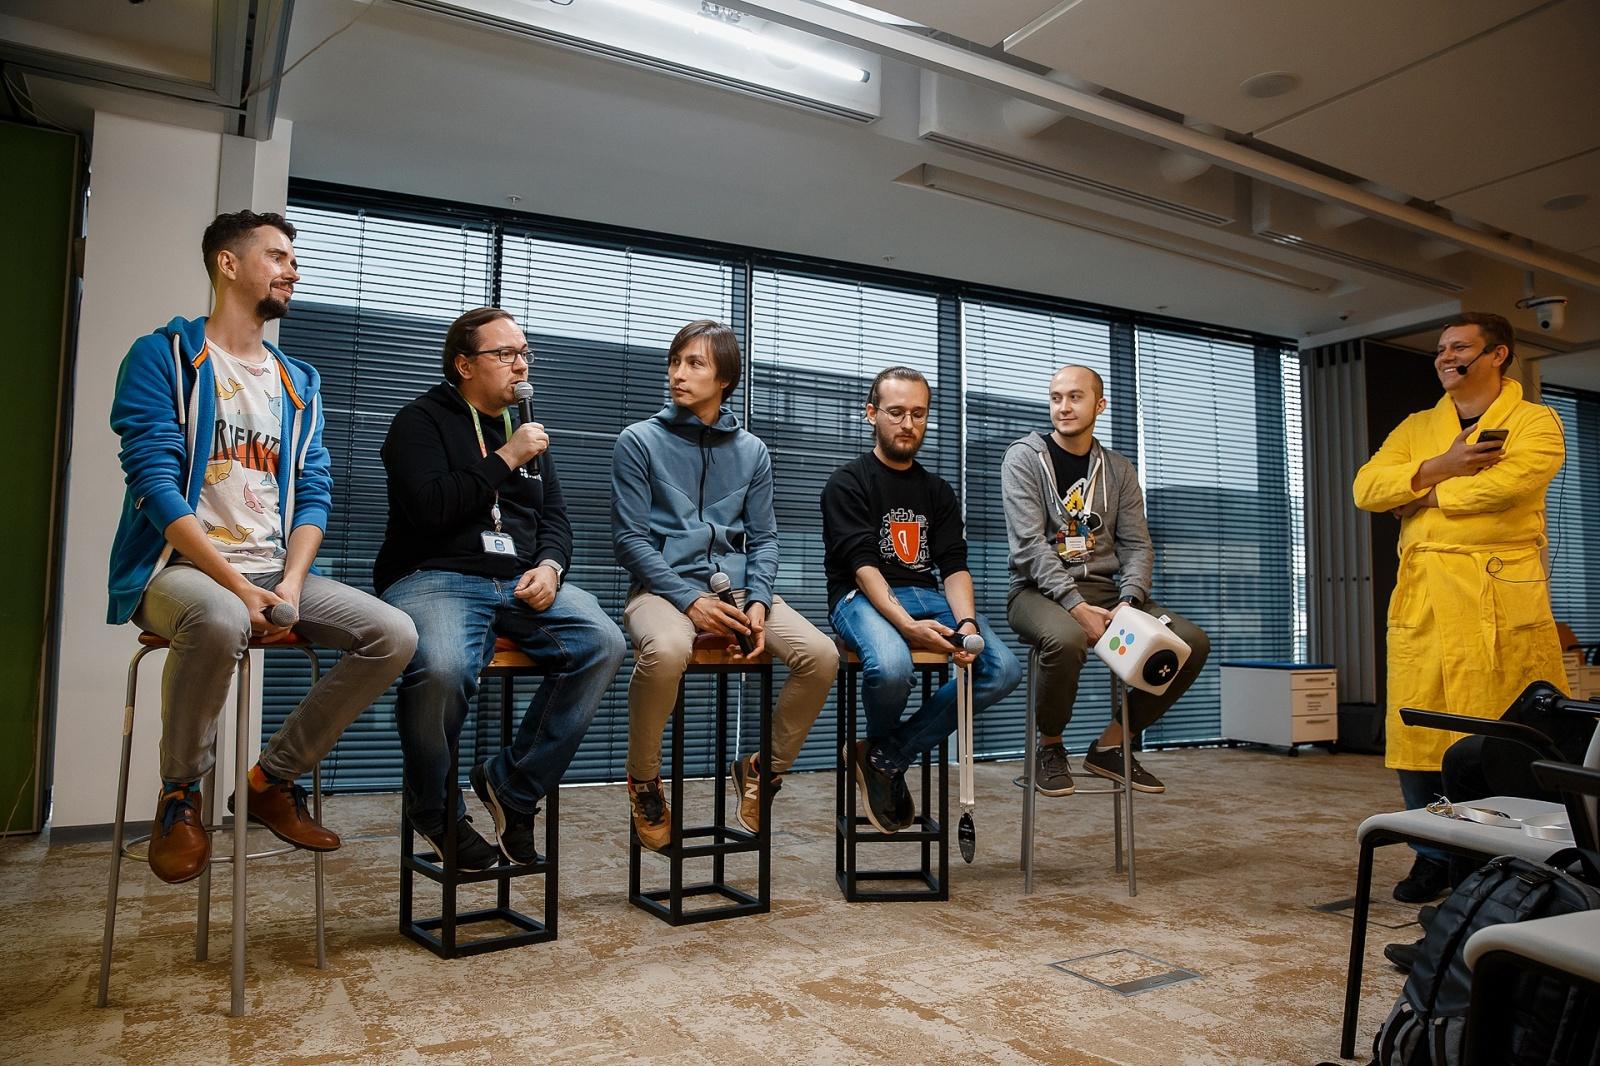 SPA Meetup 5: интеграция Jest с QA, мощный UIKit, библиотеки компонентов, DI для масштабирования, платформенные команды - 5